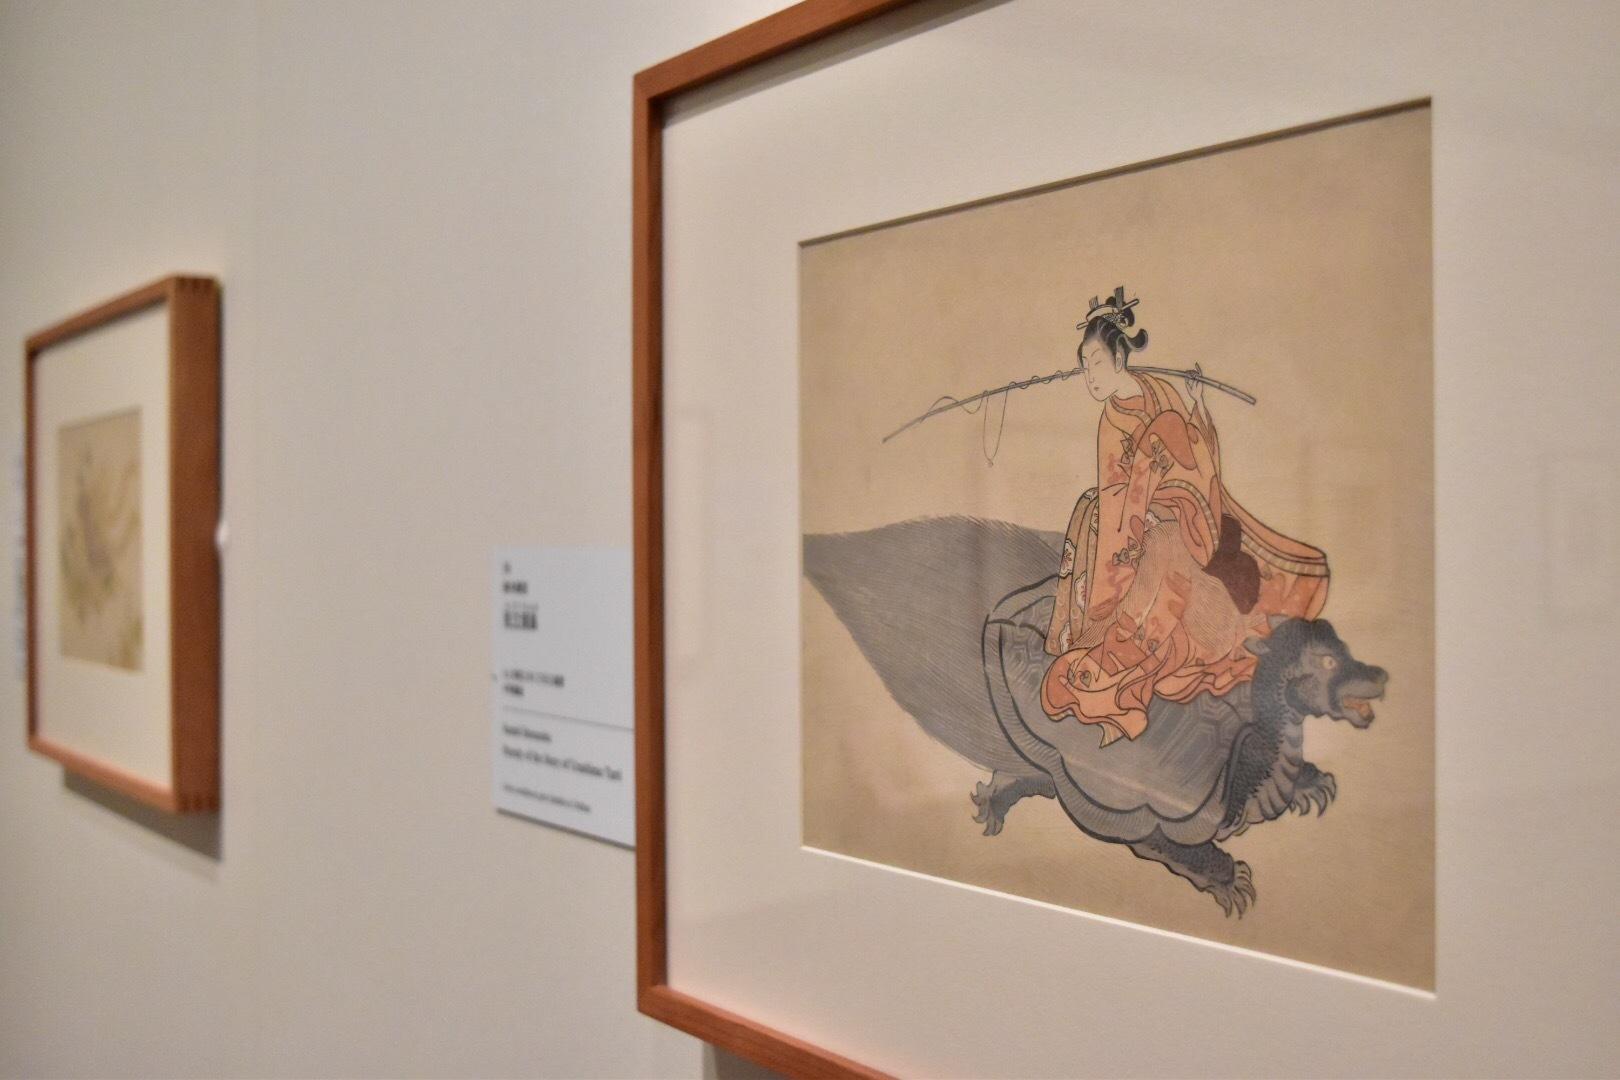 鈴木春信 《見立浦島》 もと明和2年(1765)絵暦 中判錦絵